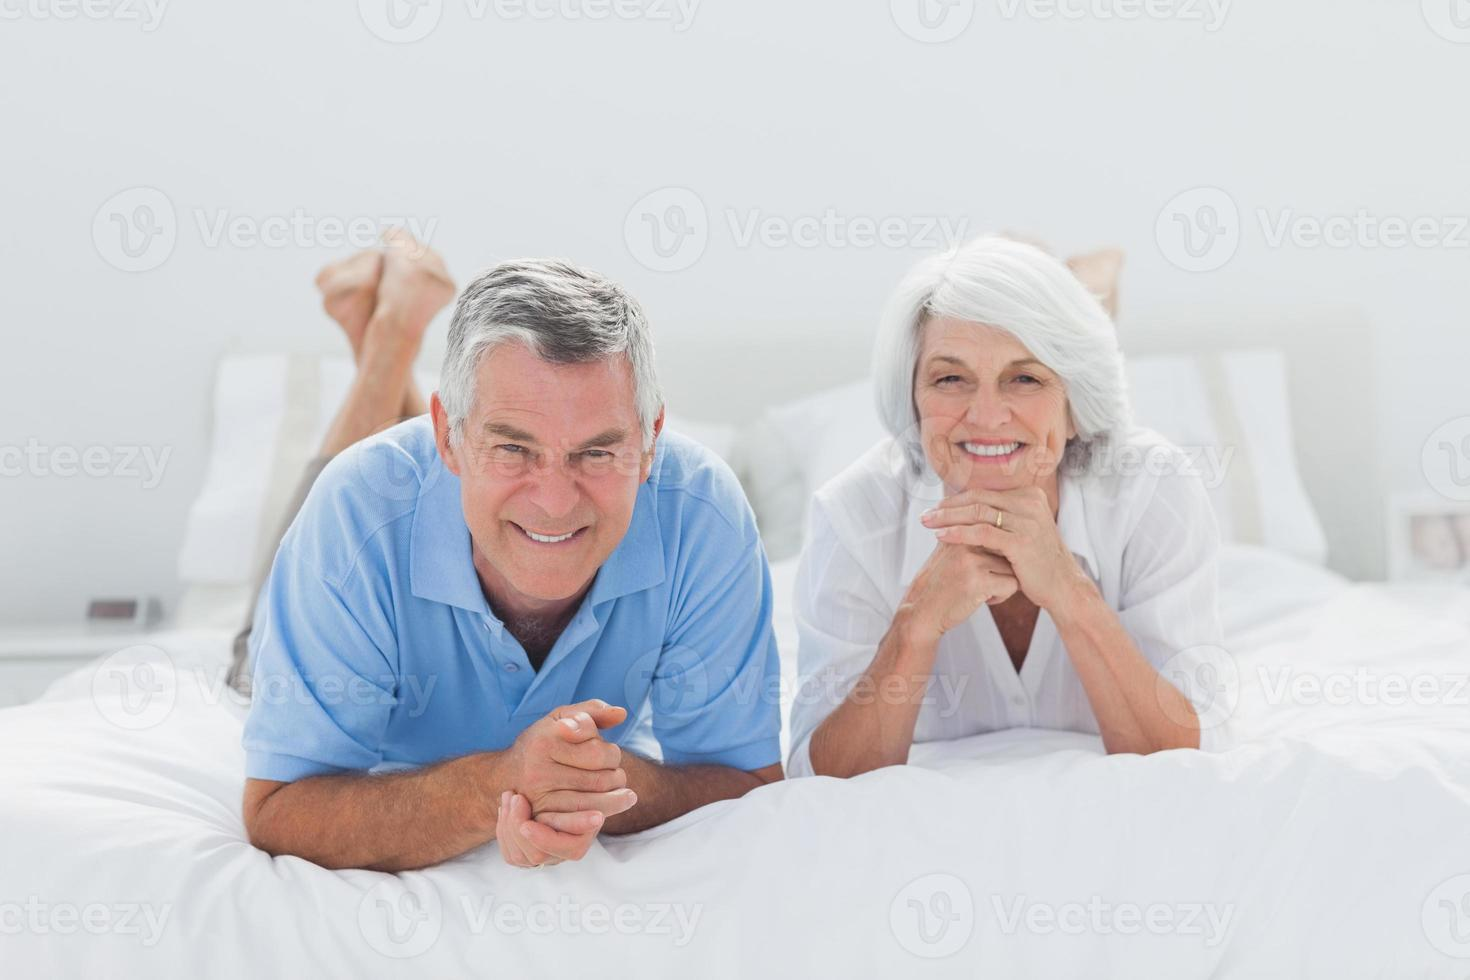 pareja acostada juntos en la cama foto